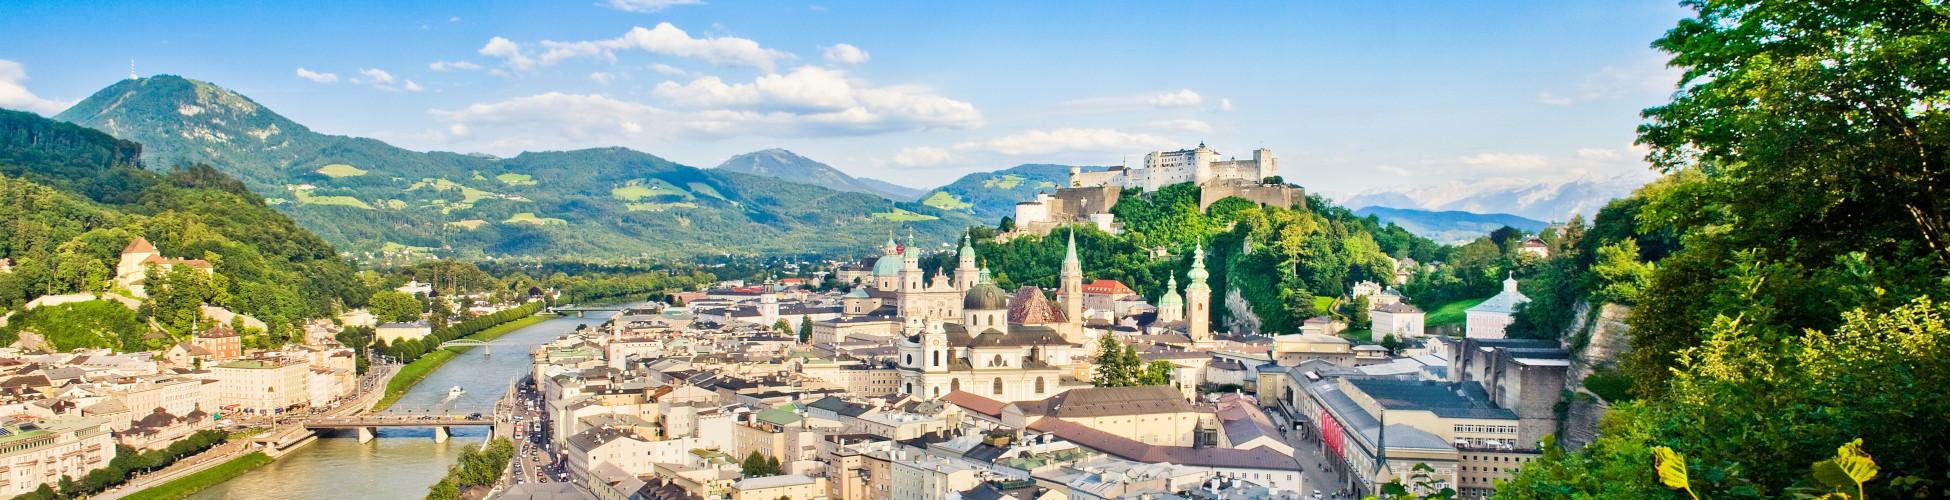 Panorama Salzburg_datenschutz